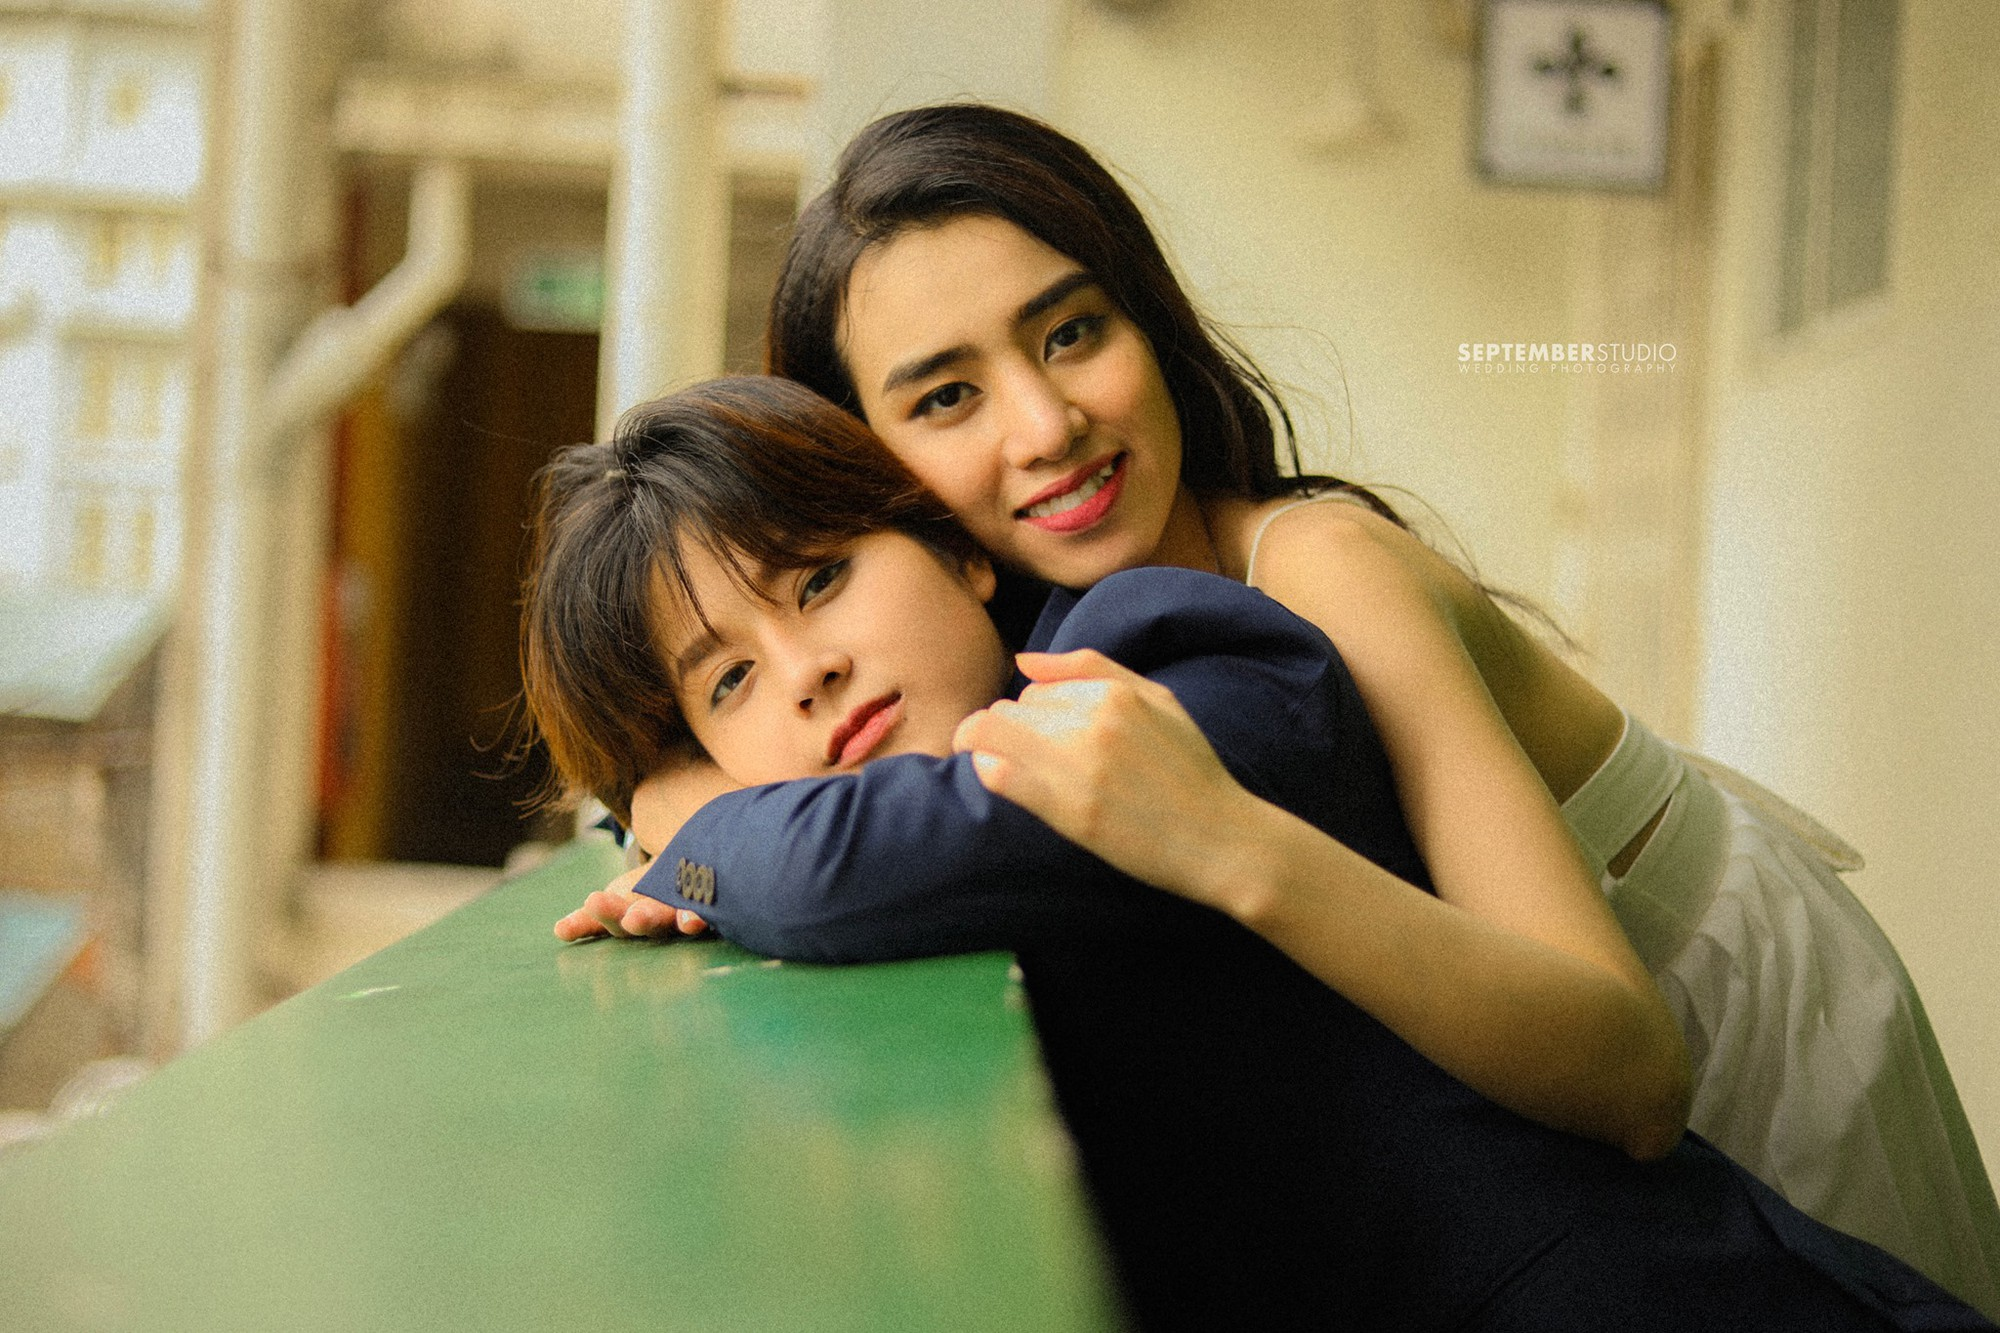 Hình ảnh lãng mạn của hai cô gái đáng yêu